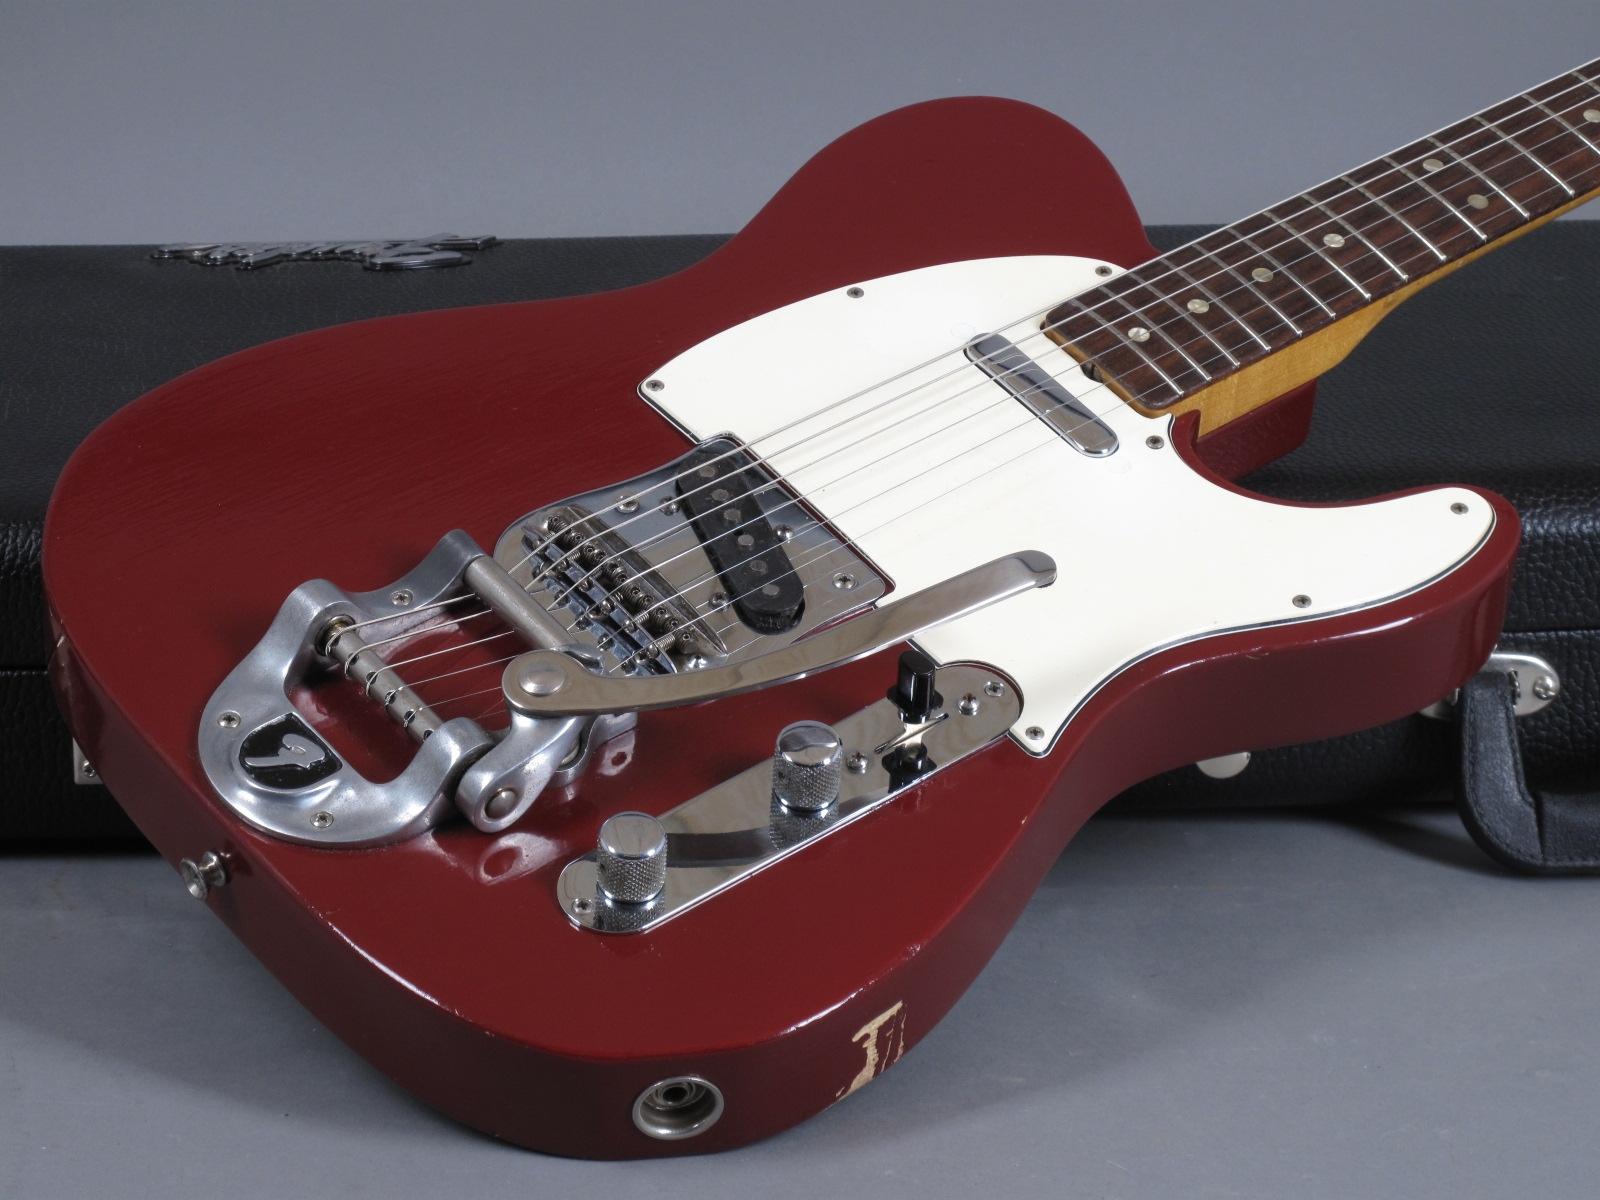 https://guitarpoint.de/app/uploads/products/1968-fender-telecaster-maroon/1968-Fender-Telecaster-Maroon_240929_22.jpg